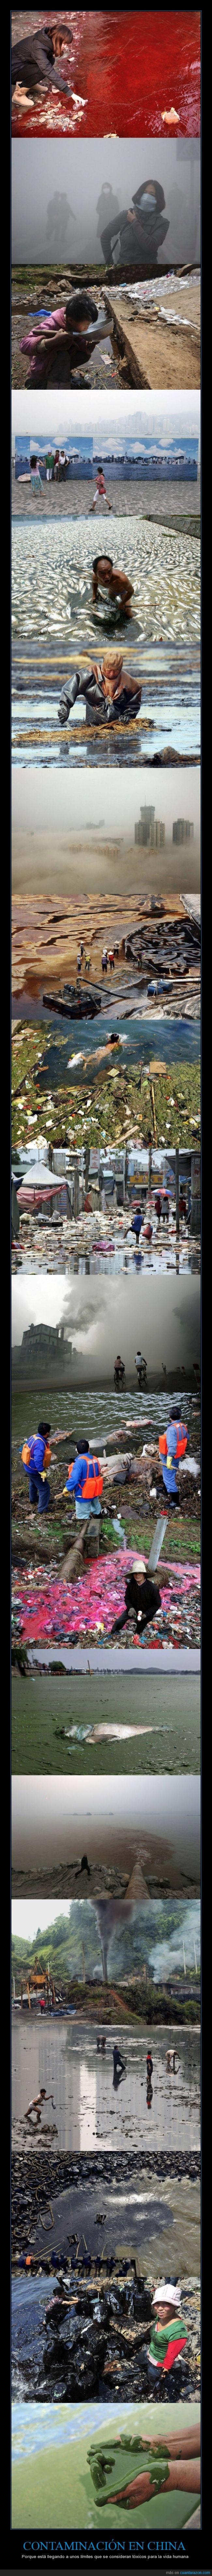 china,contaminación,drama,medio ambiente,peligro,suciedad,toxicidad,toxico